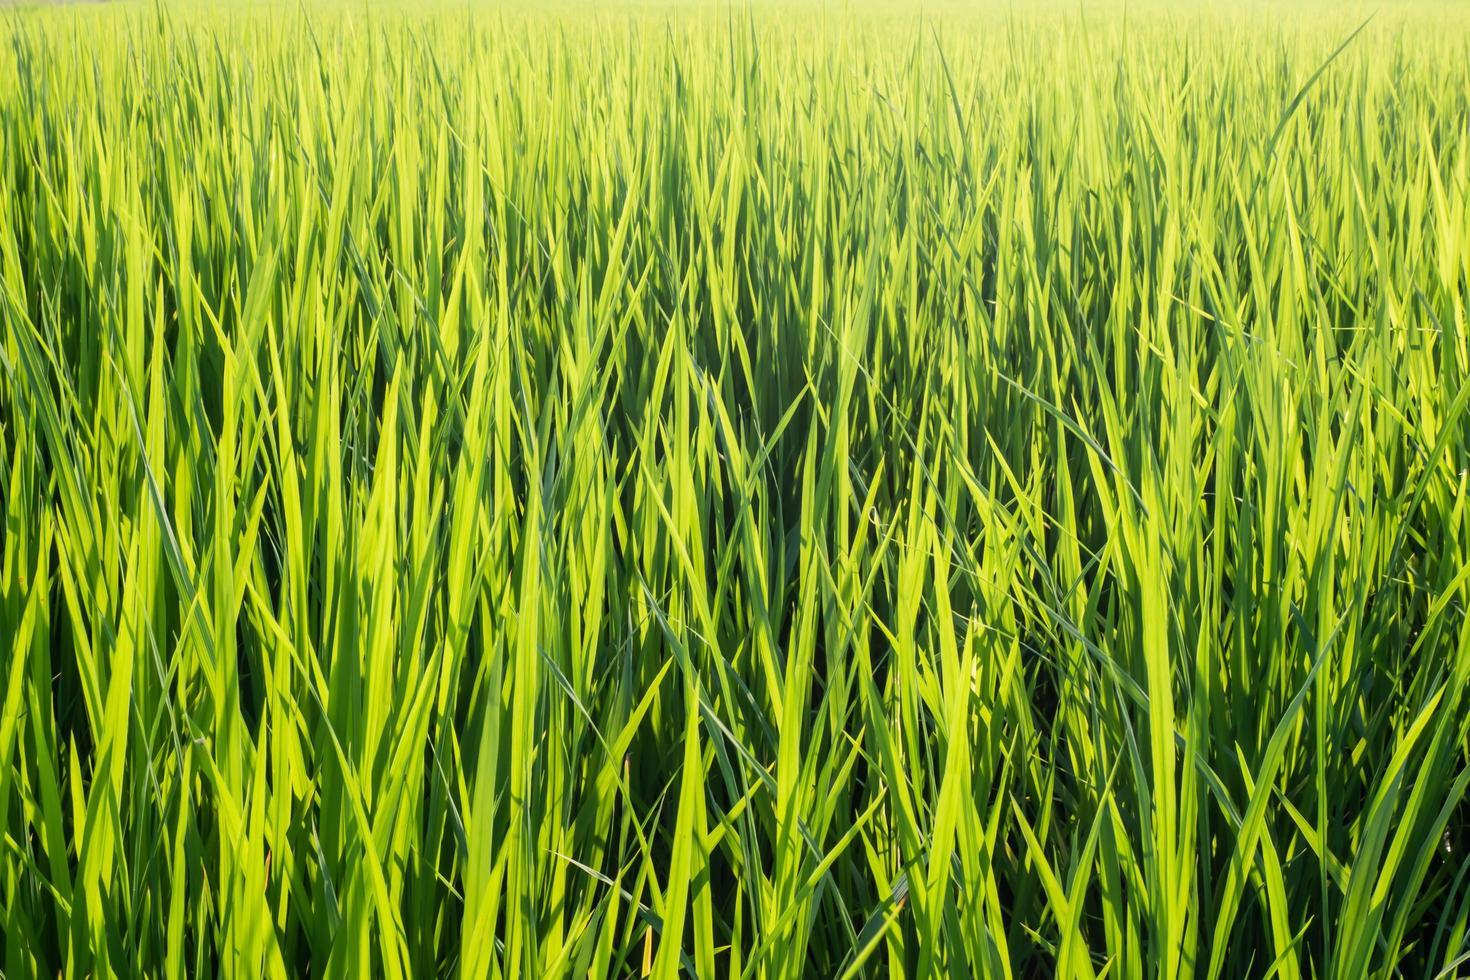 lebhaftes grünes Gras foto